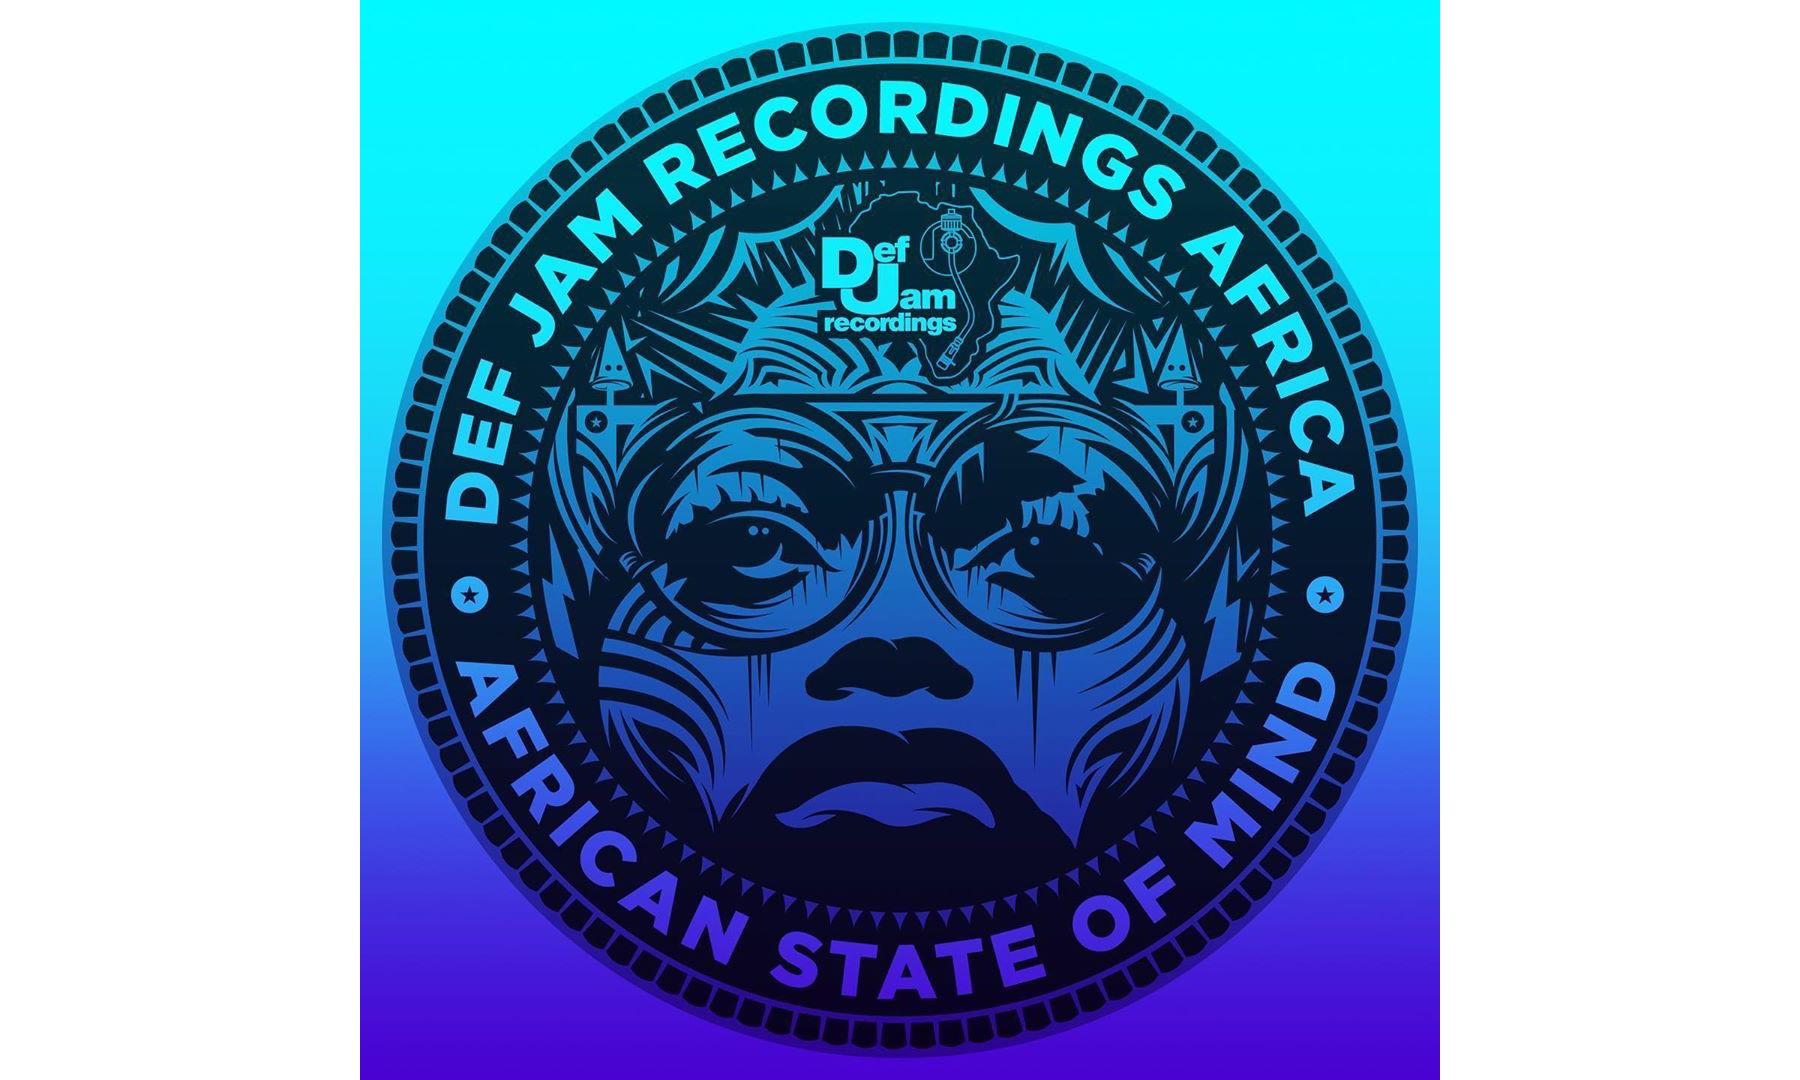 美国著名 Hip-Hop 唱片公司 Def Jam 成立非洲分厂牌